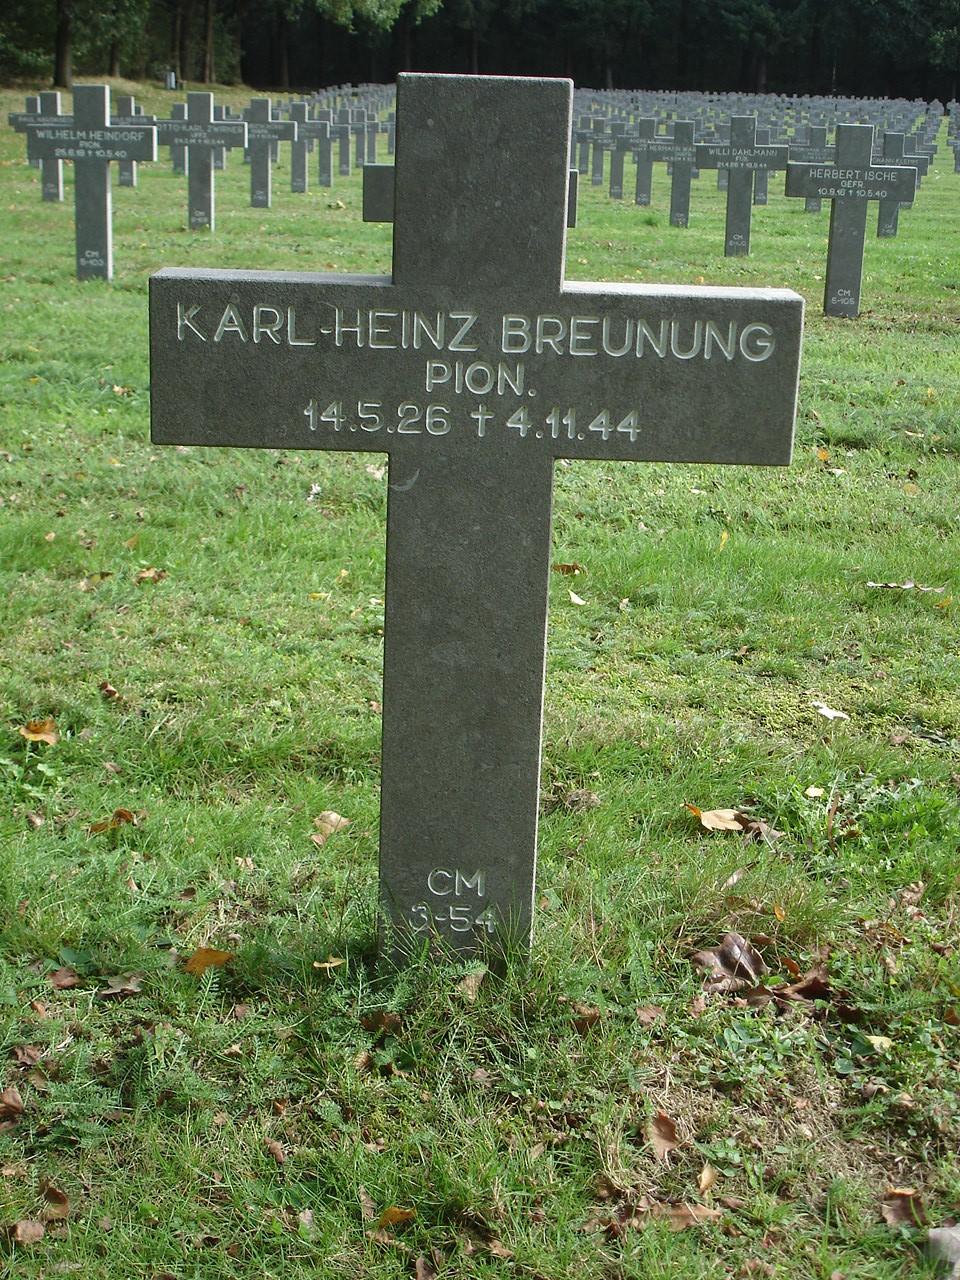 Karl-Heinx Breunung